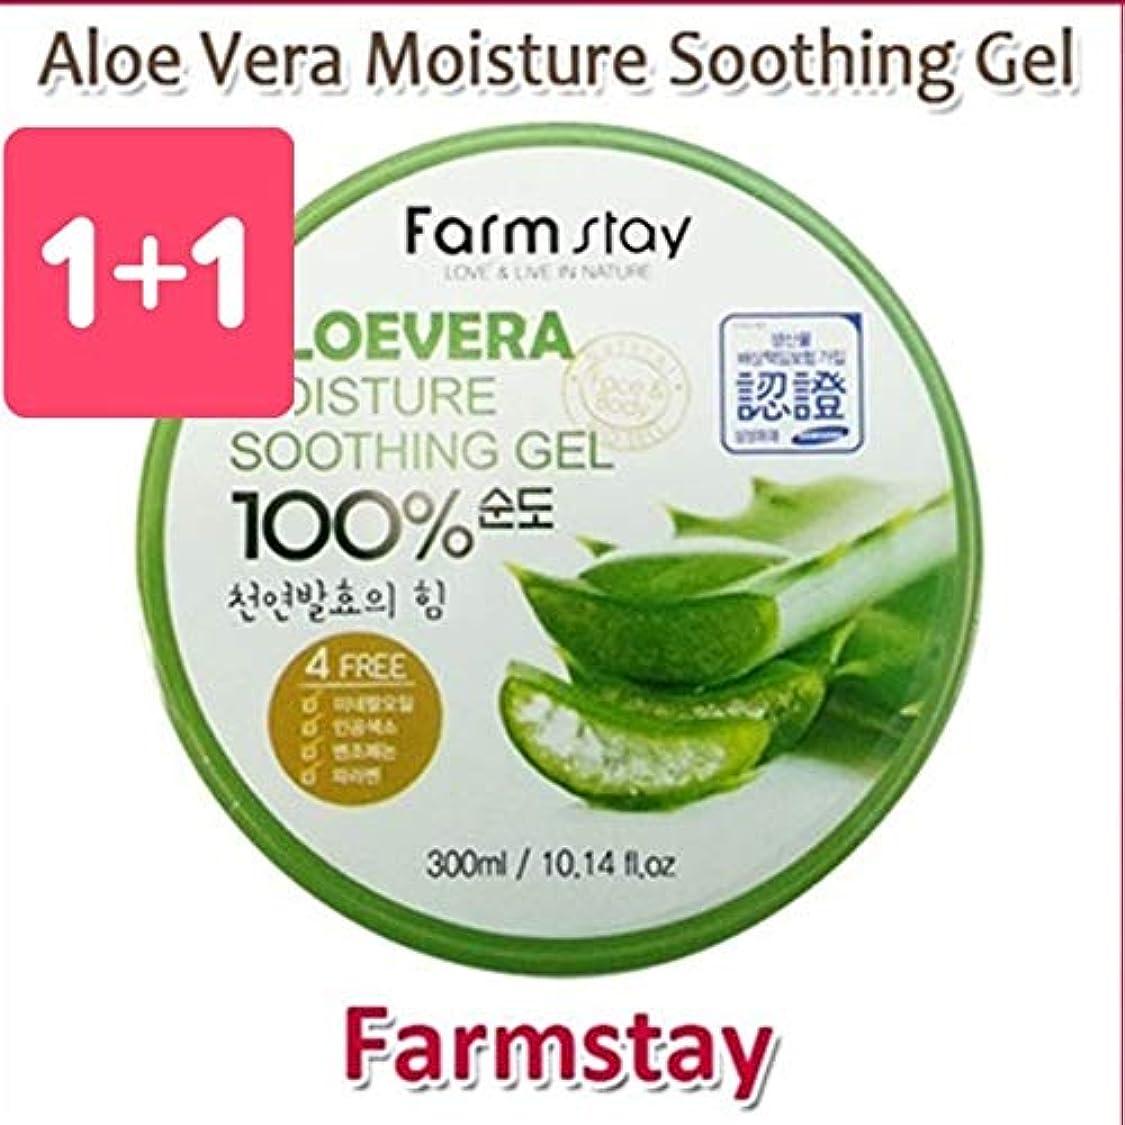 うぬぼれたロック解除眩惑するFarm Stay Aloe Vera Moisture Soothing Gel 300ml 1+1 Big Sale/オーガニック アロエベラゲル 100%/保湿ケア/韓国コスメ/Aloe Vera 100% /Moisturizing...